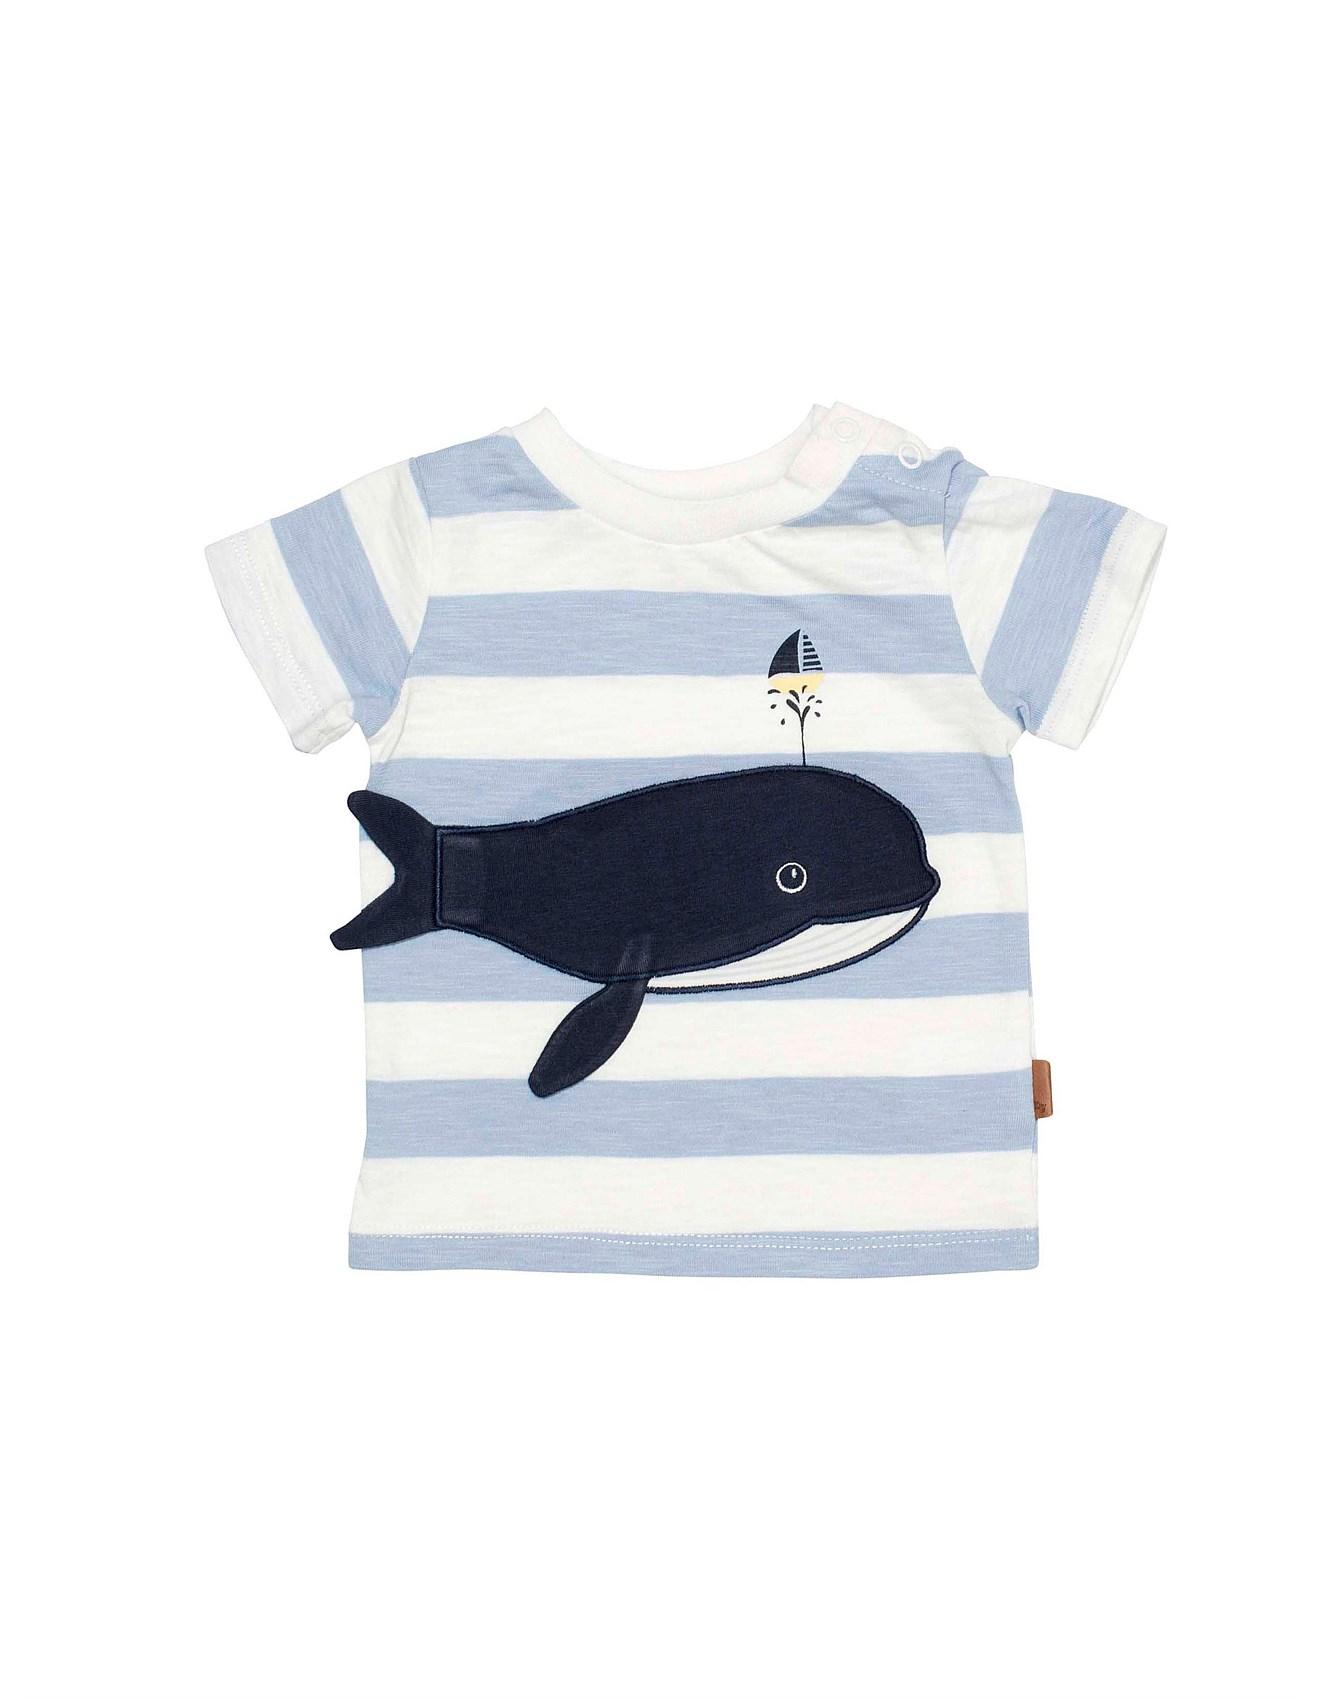 S S Tee Whale Applique 3m 2y